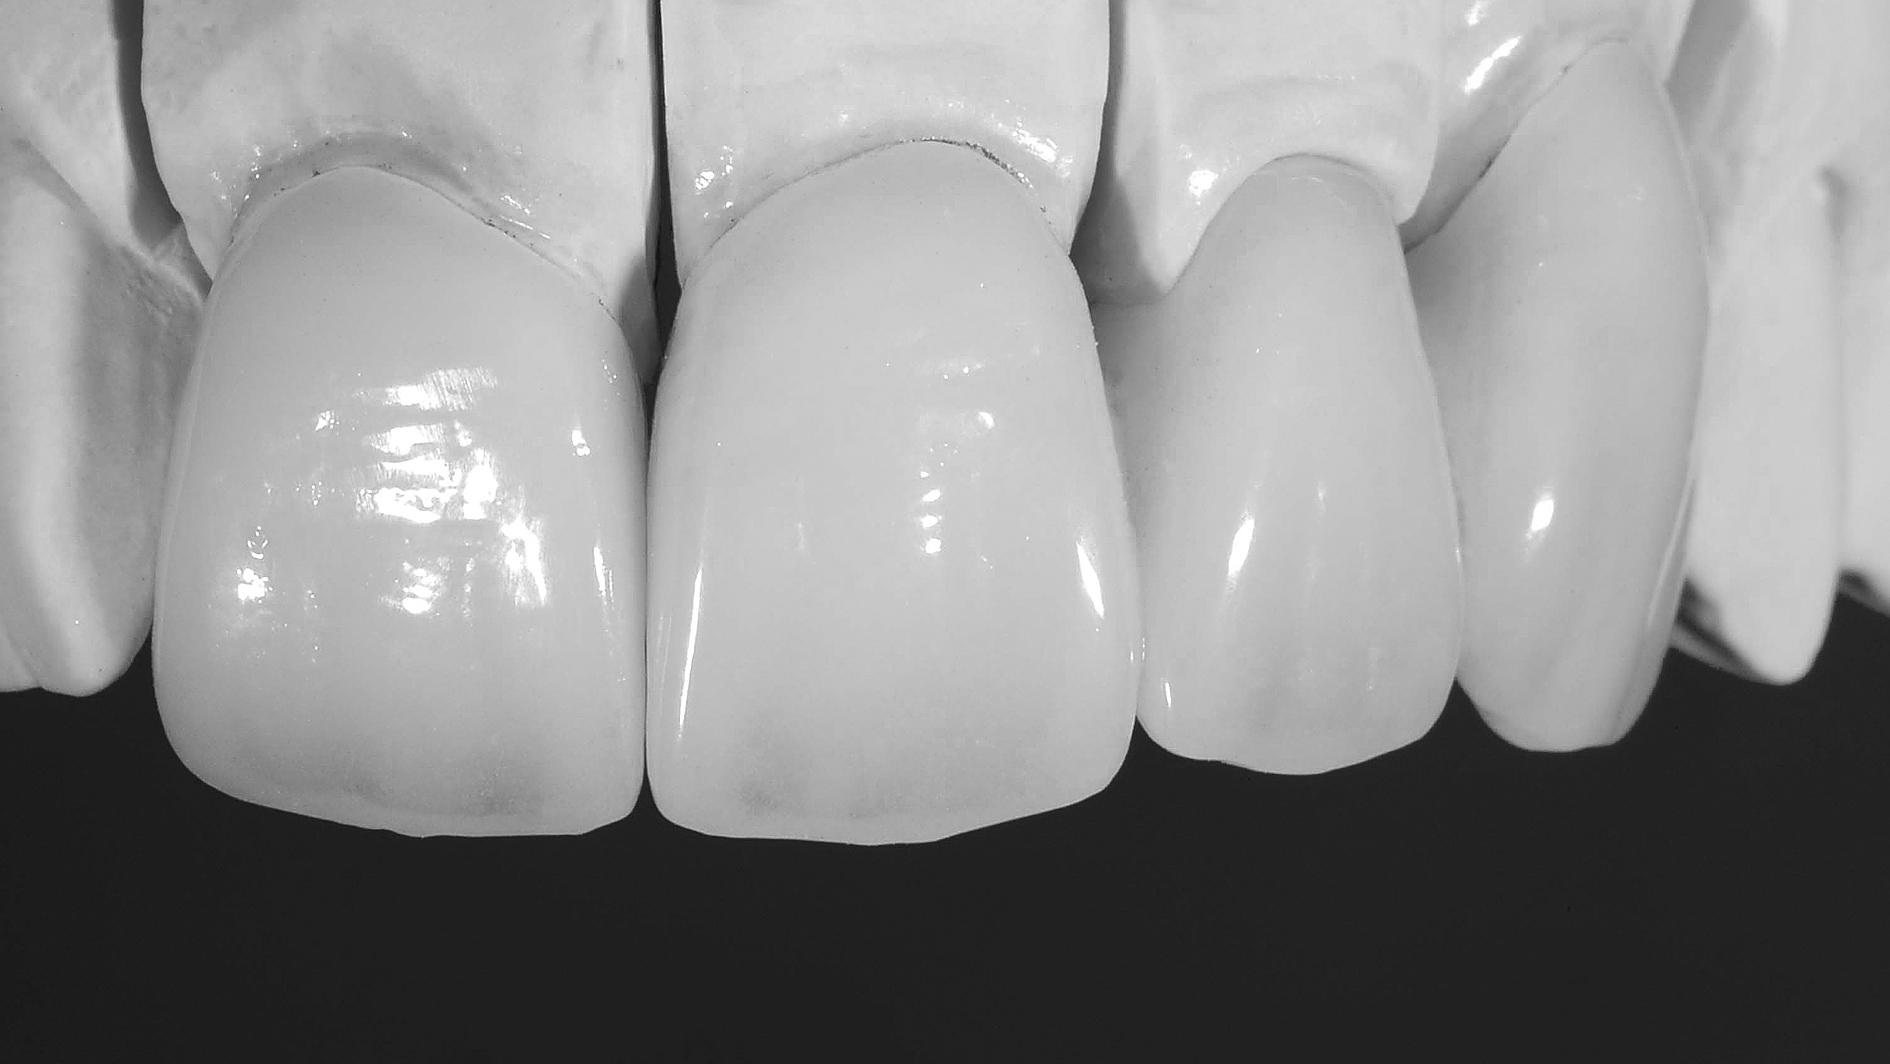 prótese dentária em zircônia detalhamento